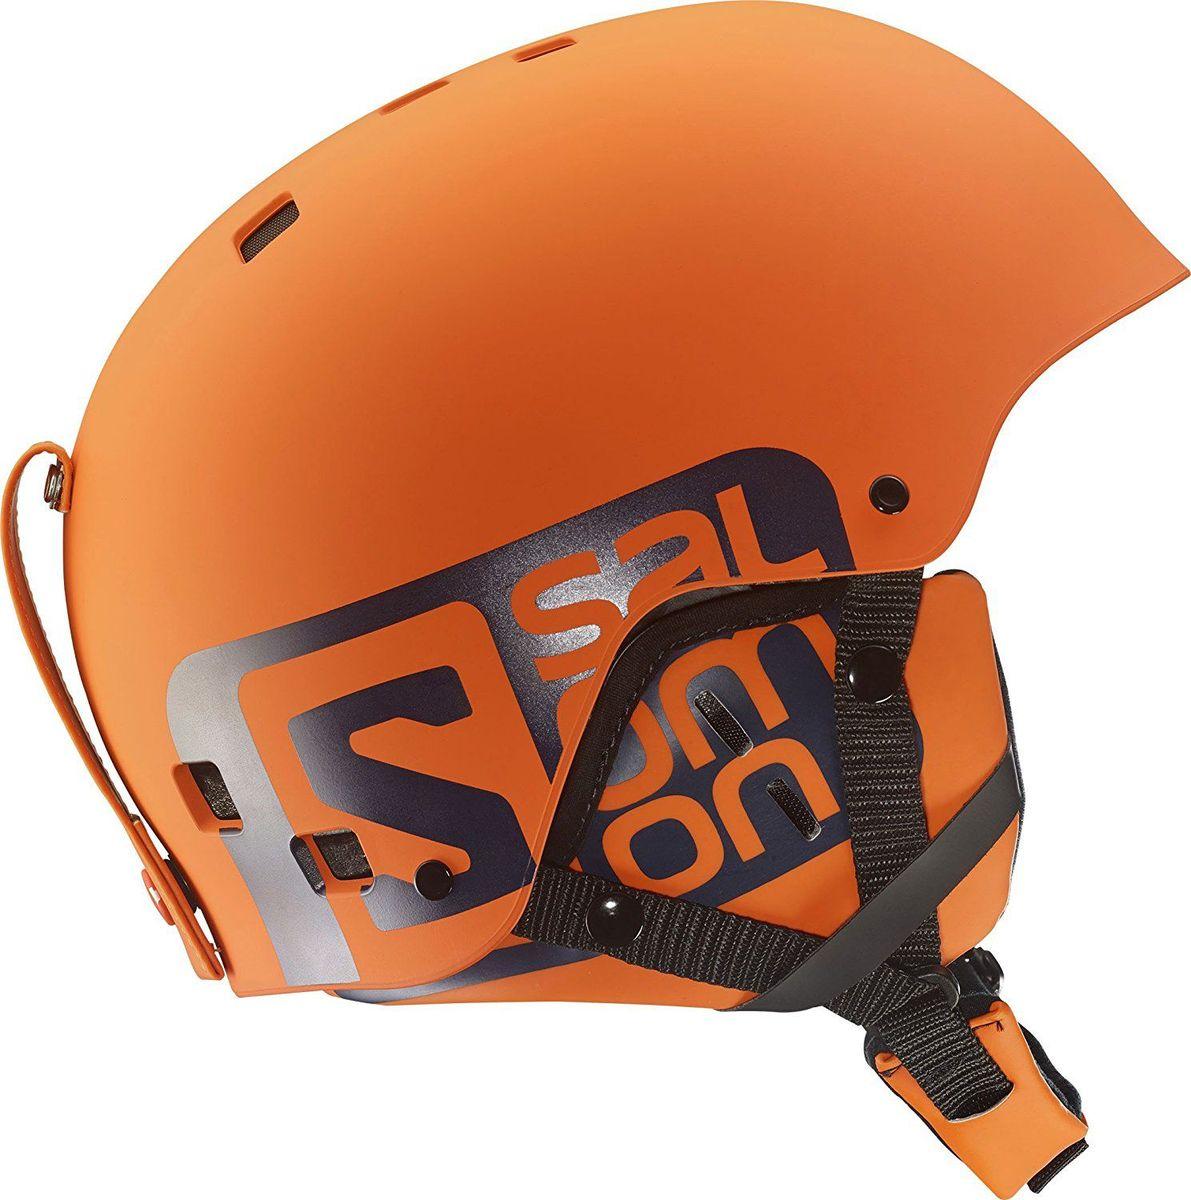 Шлем зимний Salomon Helmet Brigade Orange Matt. Размер S (55/56)L37776300Крутой стиль, долговечность и универсальность – подкладку можно заменить шапочкой.